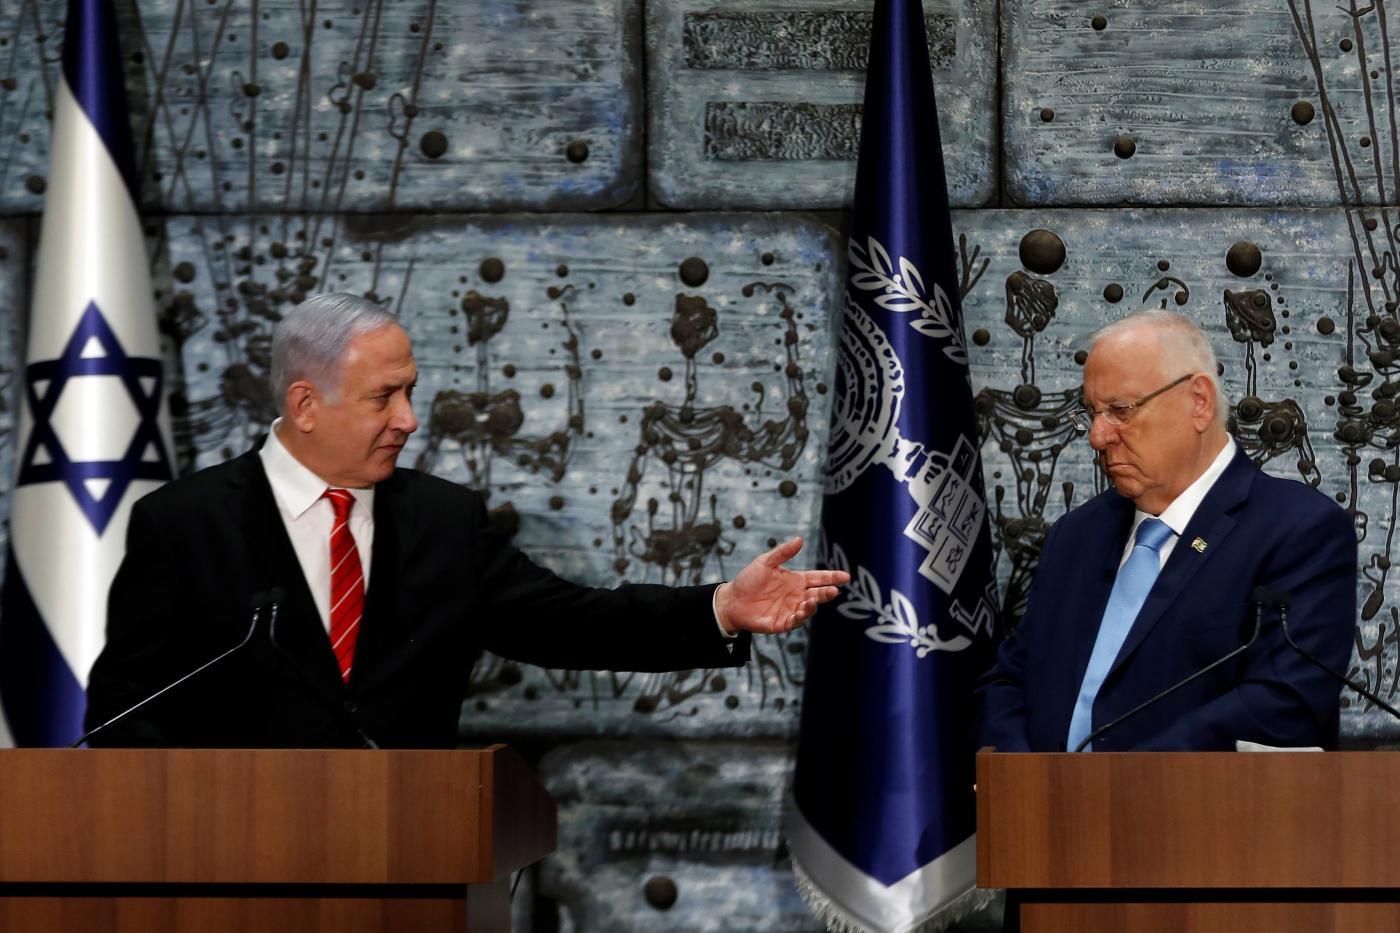 يحضر الرئيس الإسرائيلي روفين ريفلين ونتنياهو مراسم الترشيح في القدس المحتلة يوم 25 سبتمبر (رويترز)